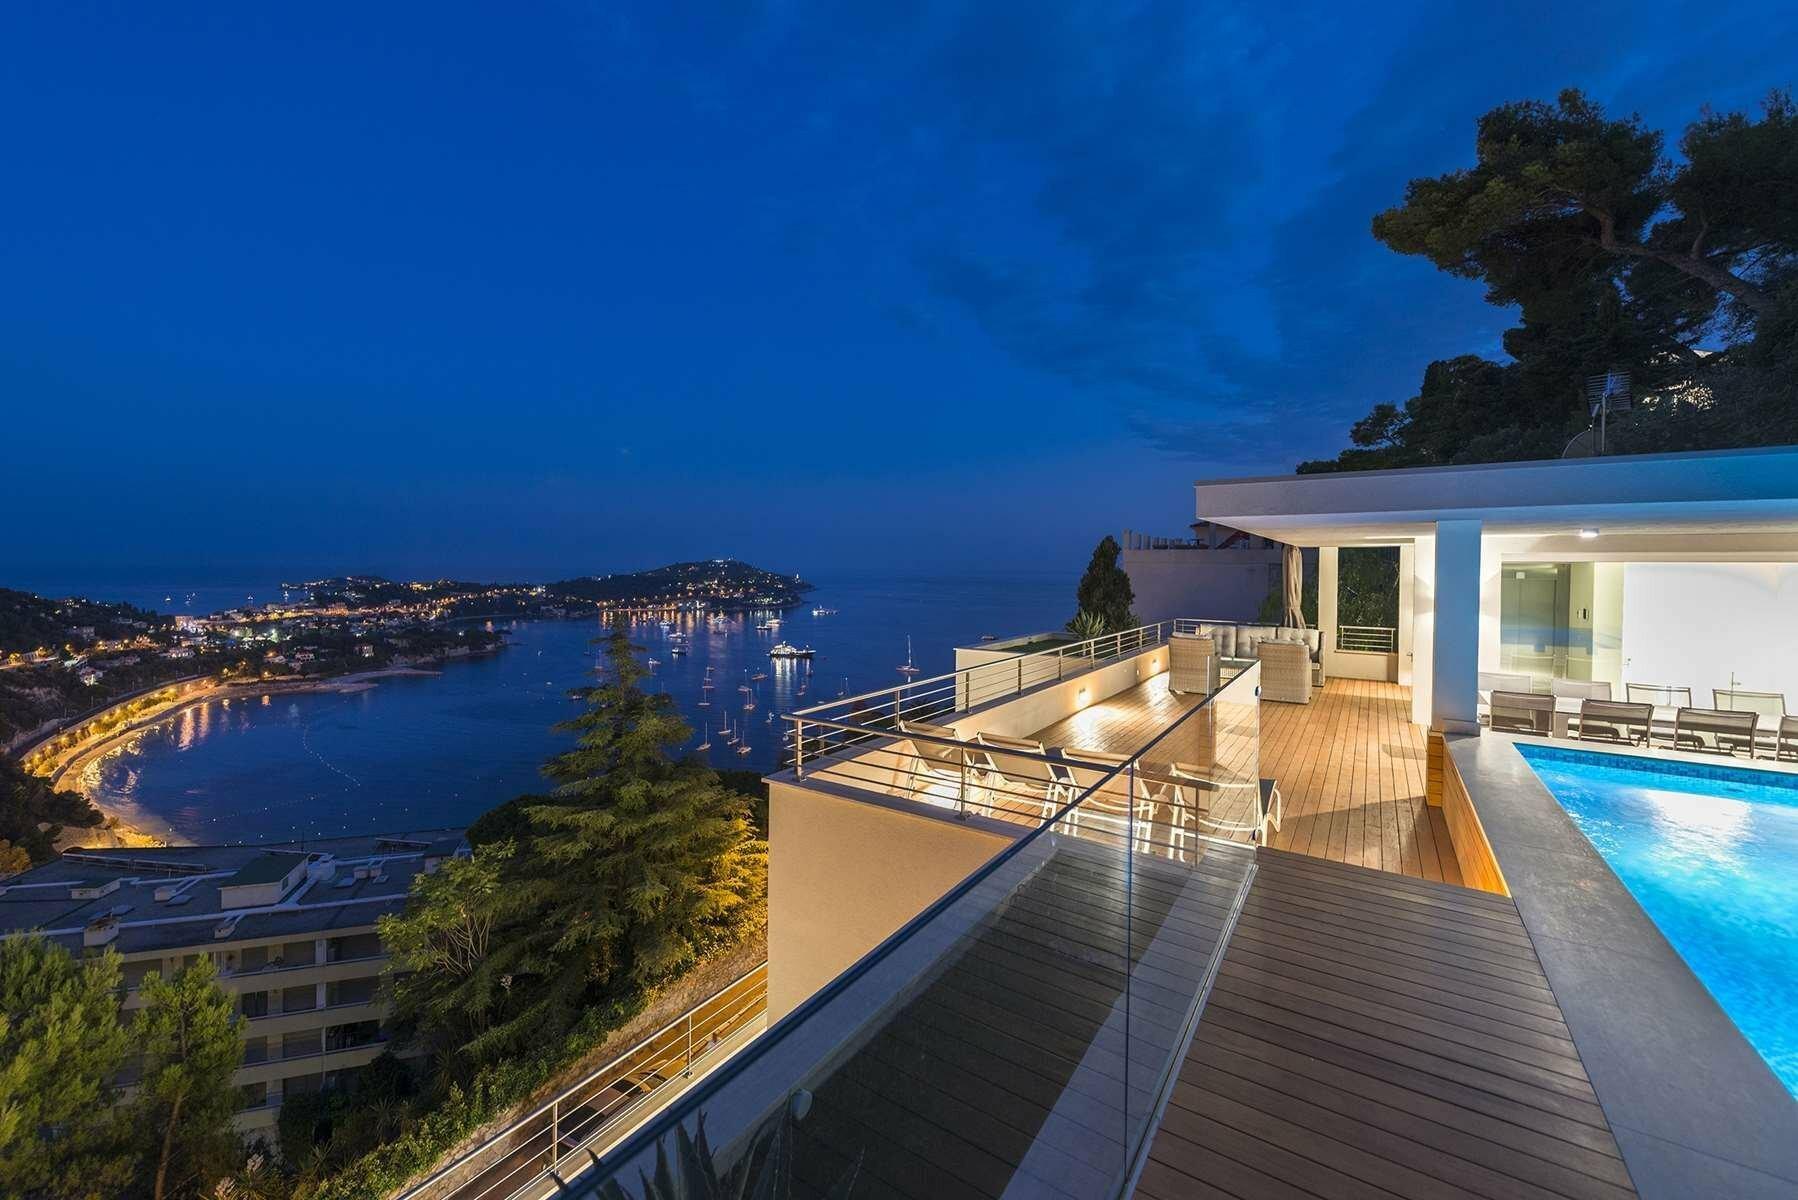 Villa in Villefranche-sur-Mer, Provence-Alpes-Côte d'Azur, France 1 - 11576983